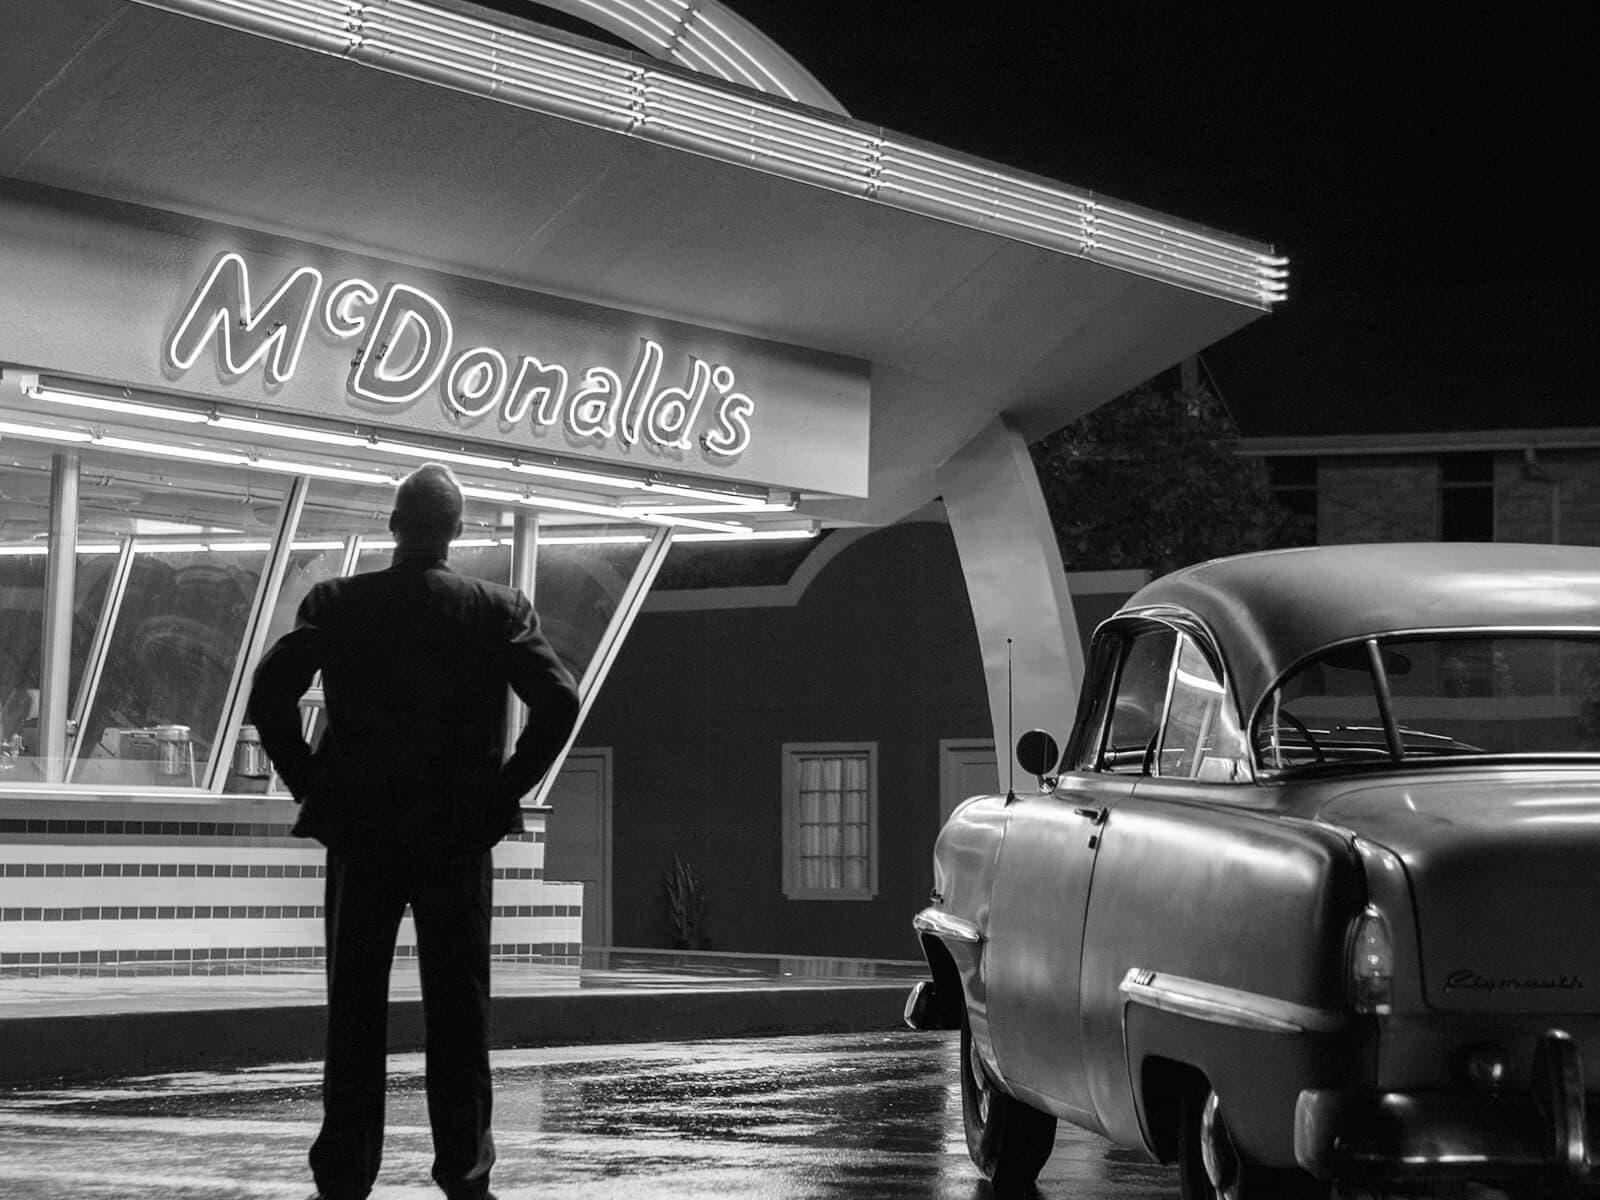 هل نعيش في عالم ماكدونالدز؟